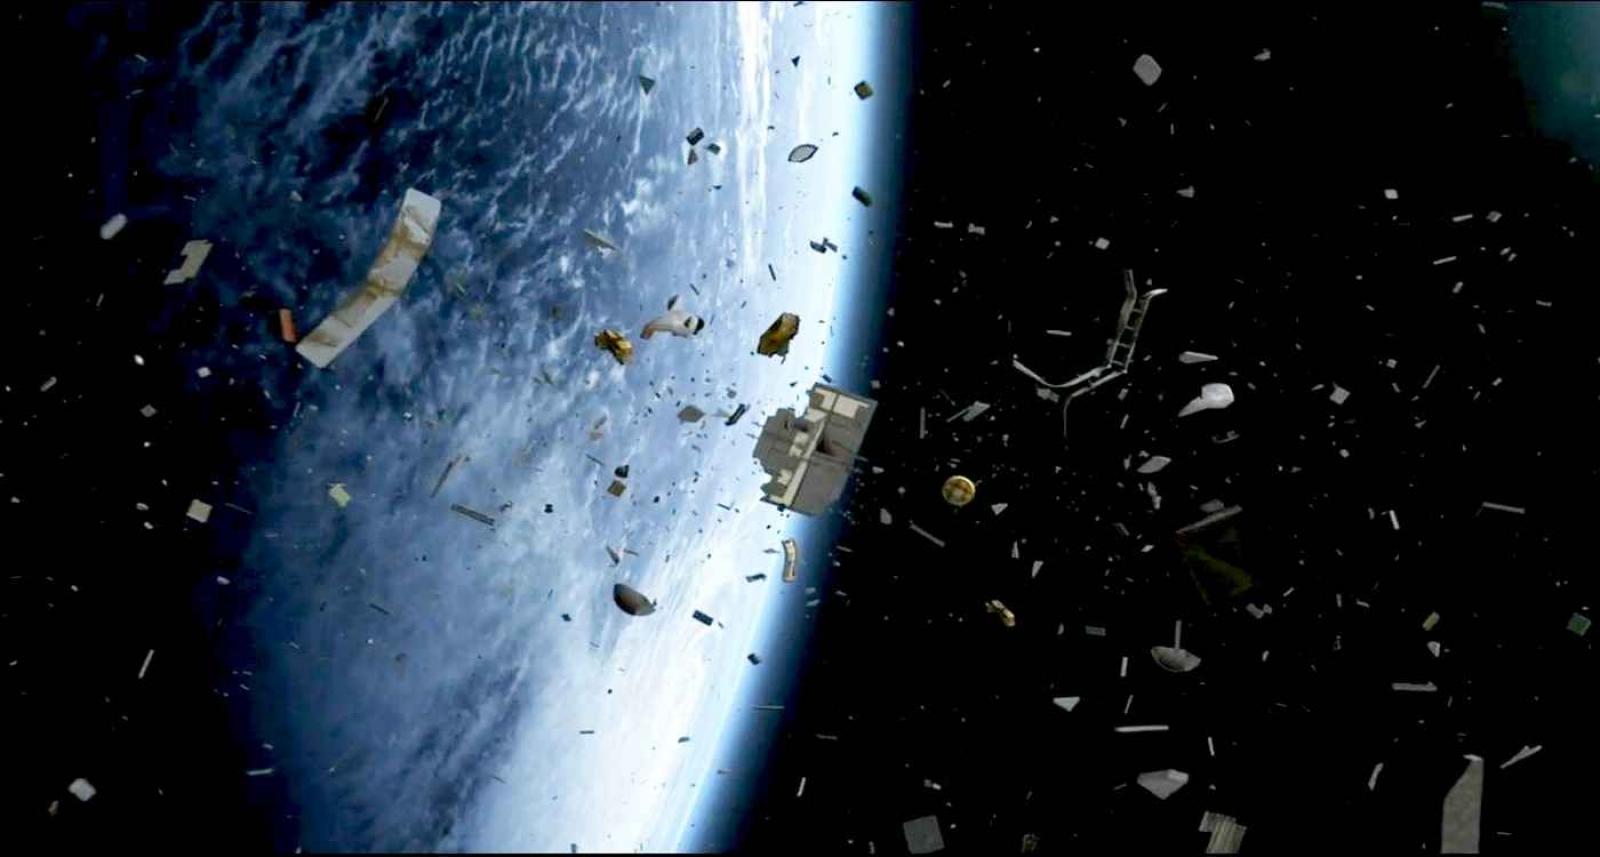 уже космический мусор картинки добавляйте ложкой тесто